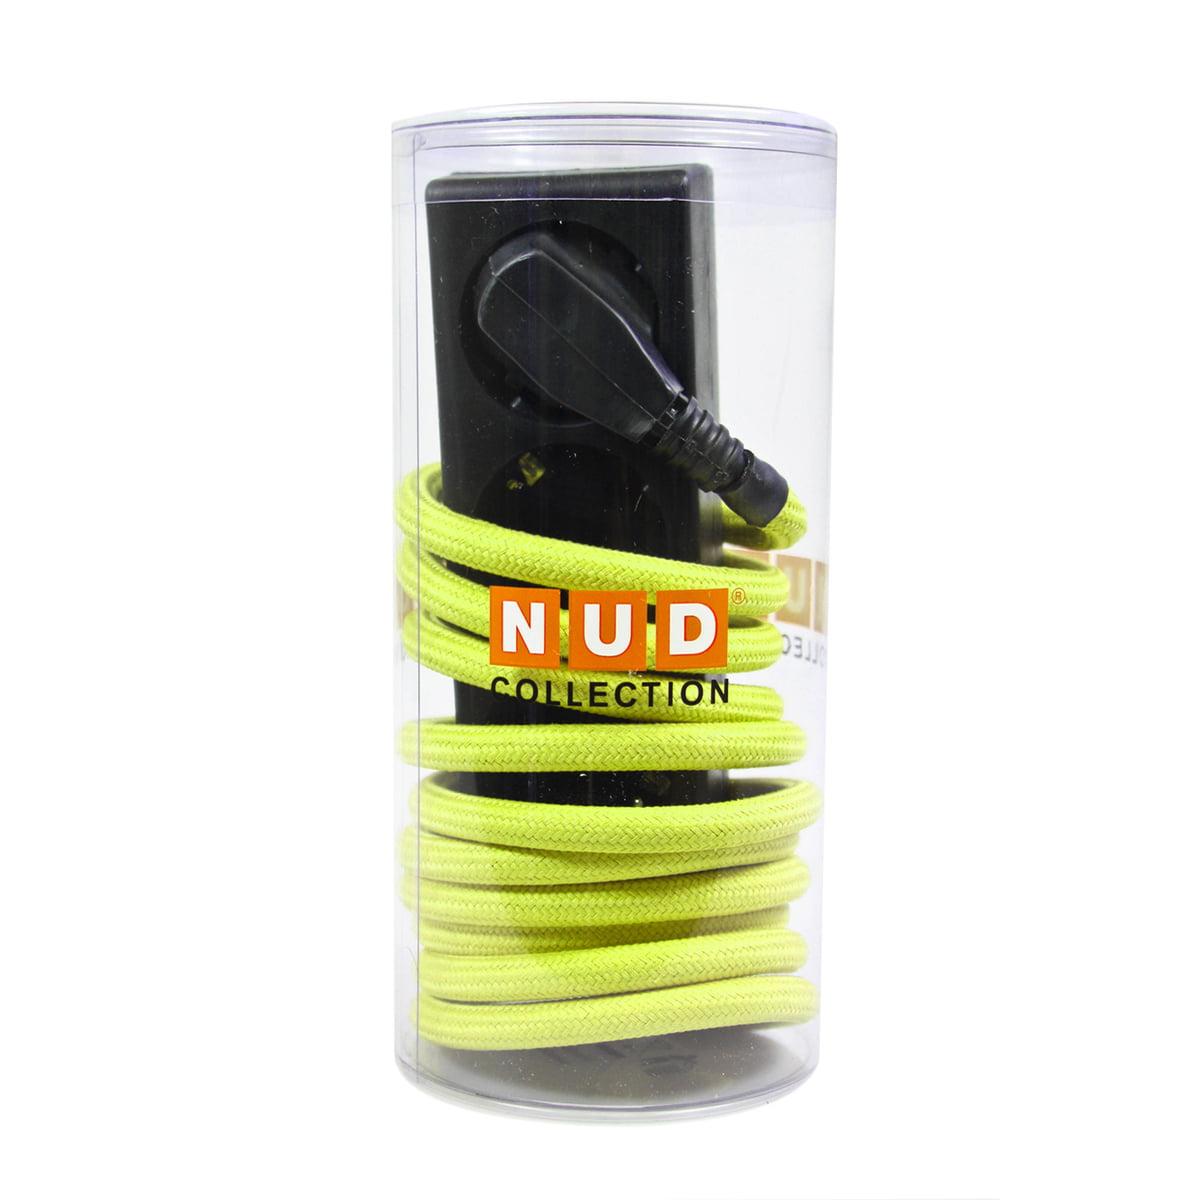 NUD Collection - Extension Cord 3fach-Steckdose, Aurora (TT-102) | Baumarkt > Elektroinstallation > Steckdosen | NUD Collection